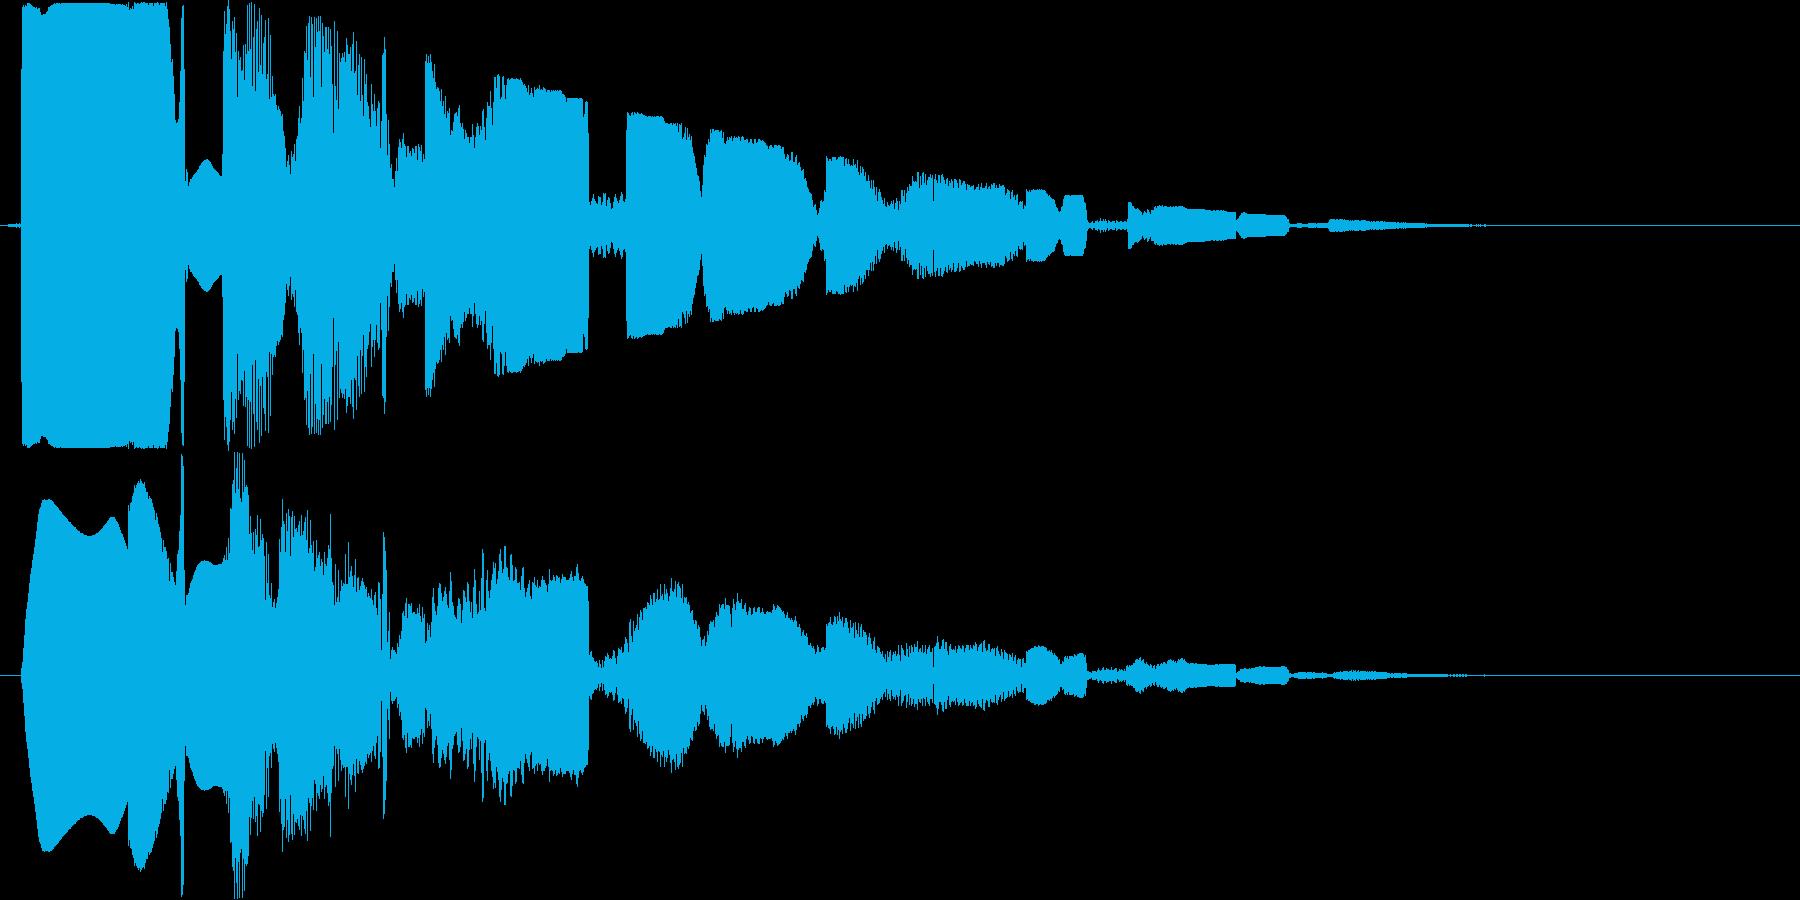 ピコピコ(空間系)の再生済みの波形